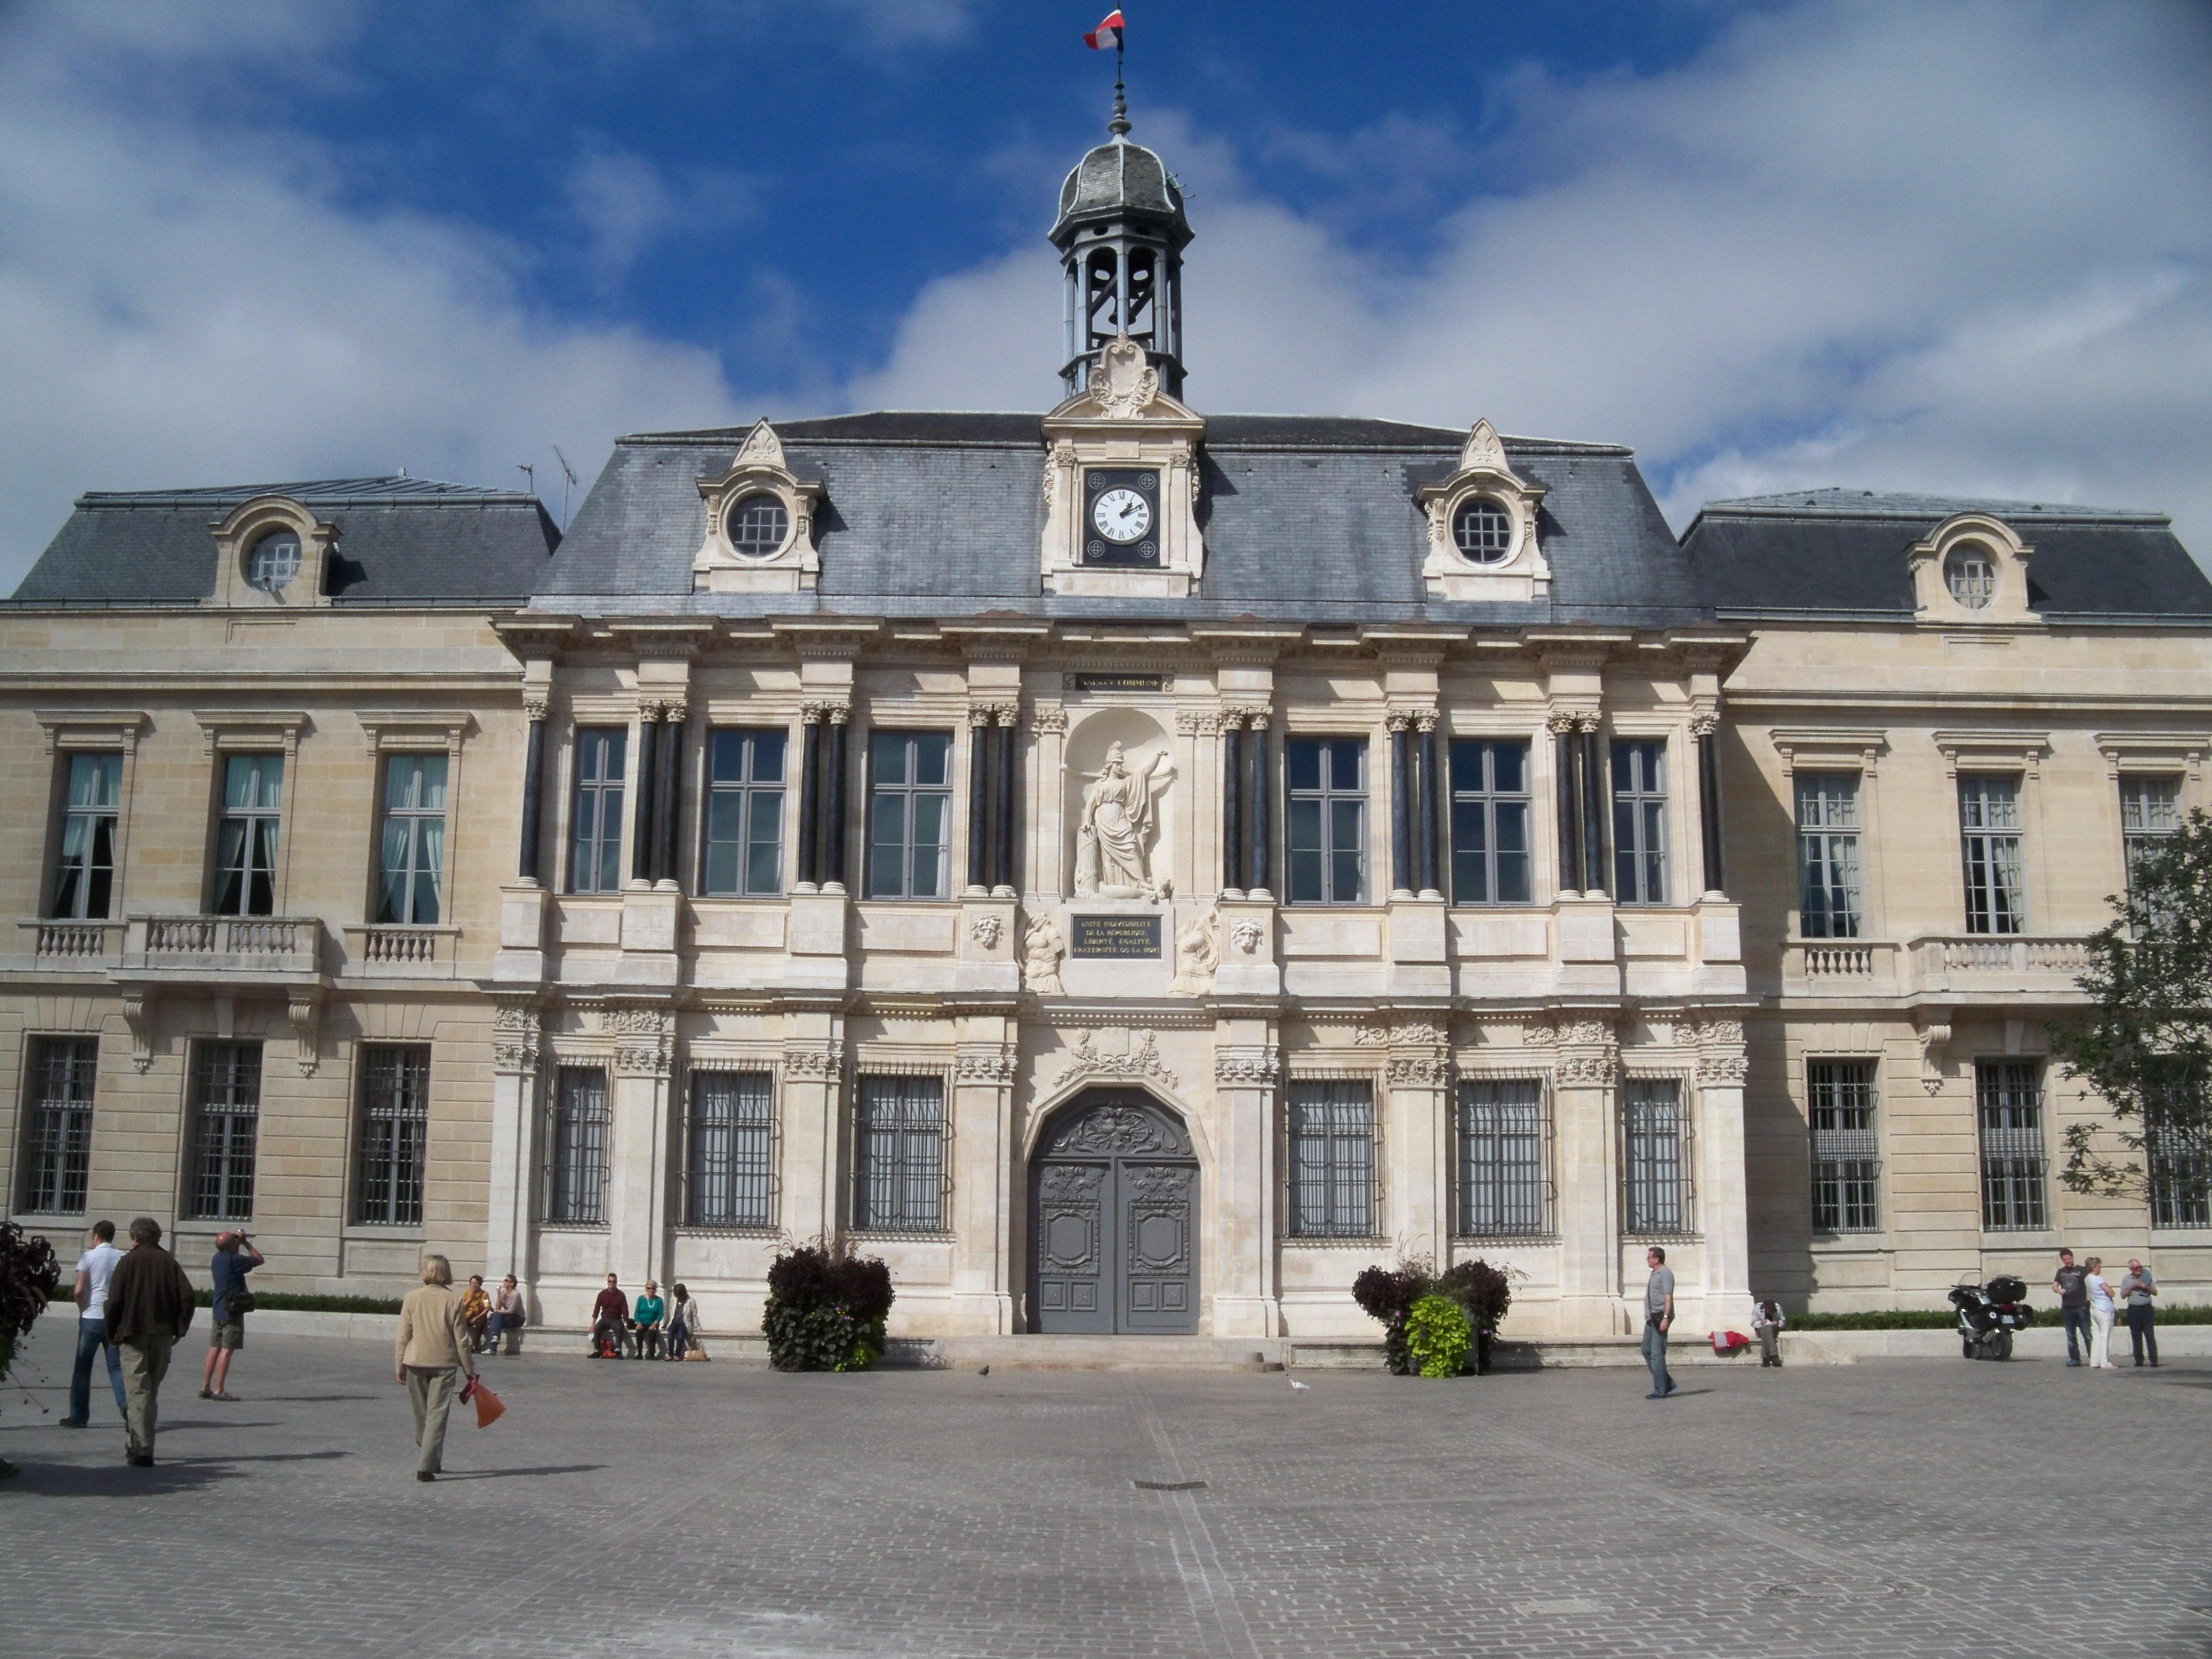 Monuments et lieux touristiques de troyes wikiwand for Lieux touristiques france